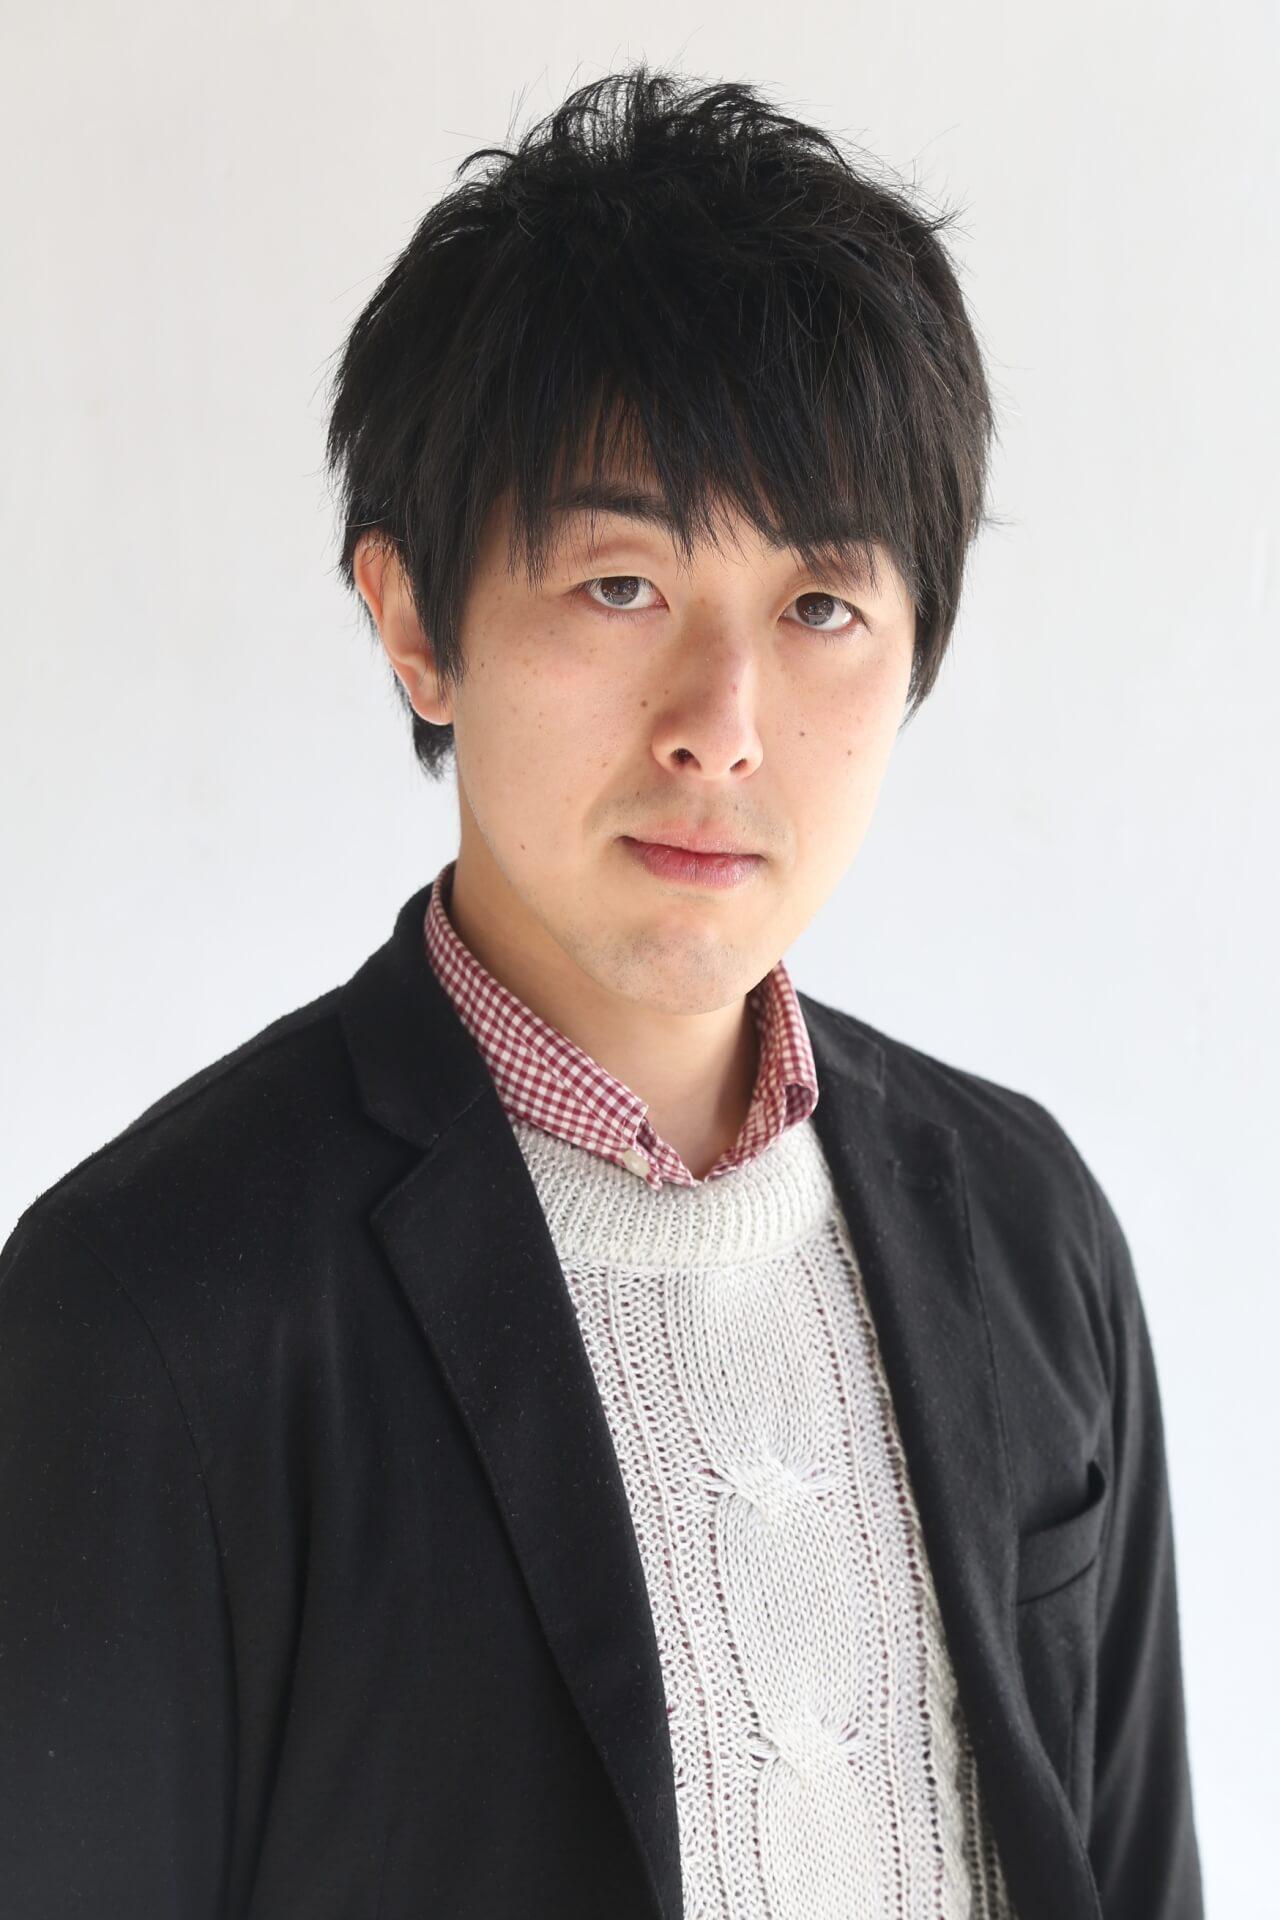 【限定企画】冨坂友(アガリスクエンターテイメント)による『コメディの合奏の仕方』WS